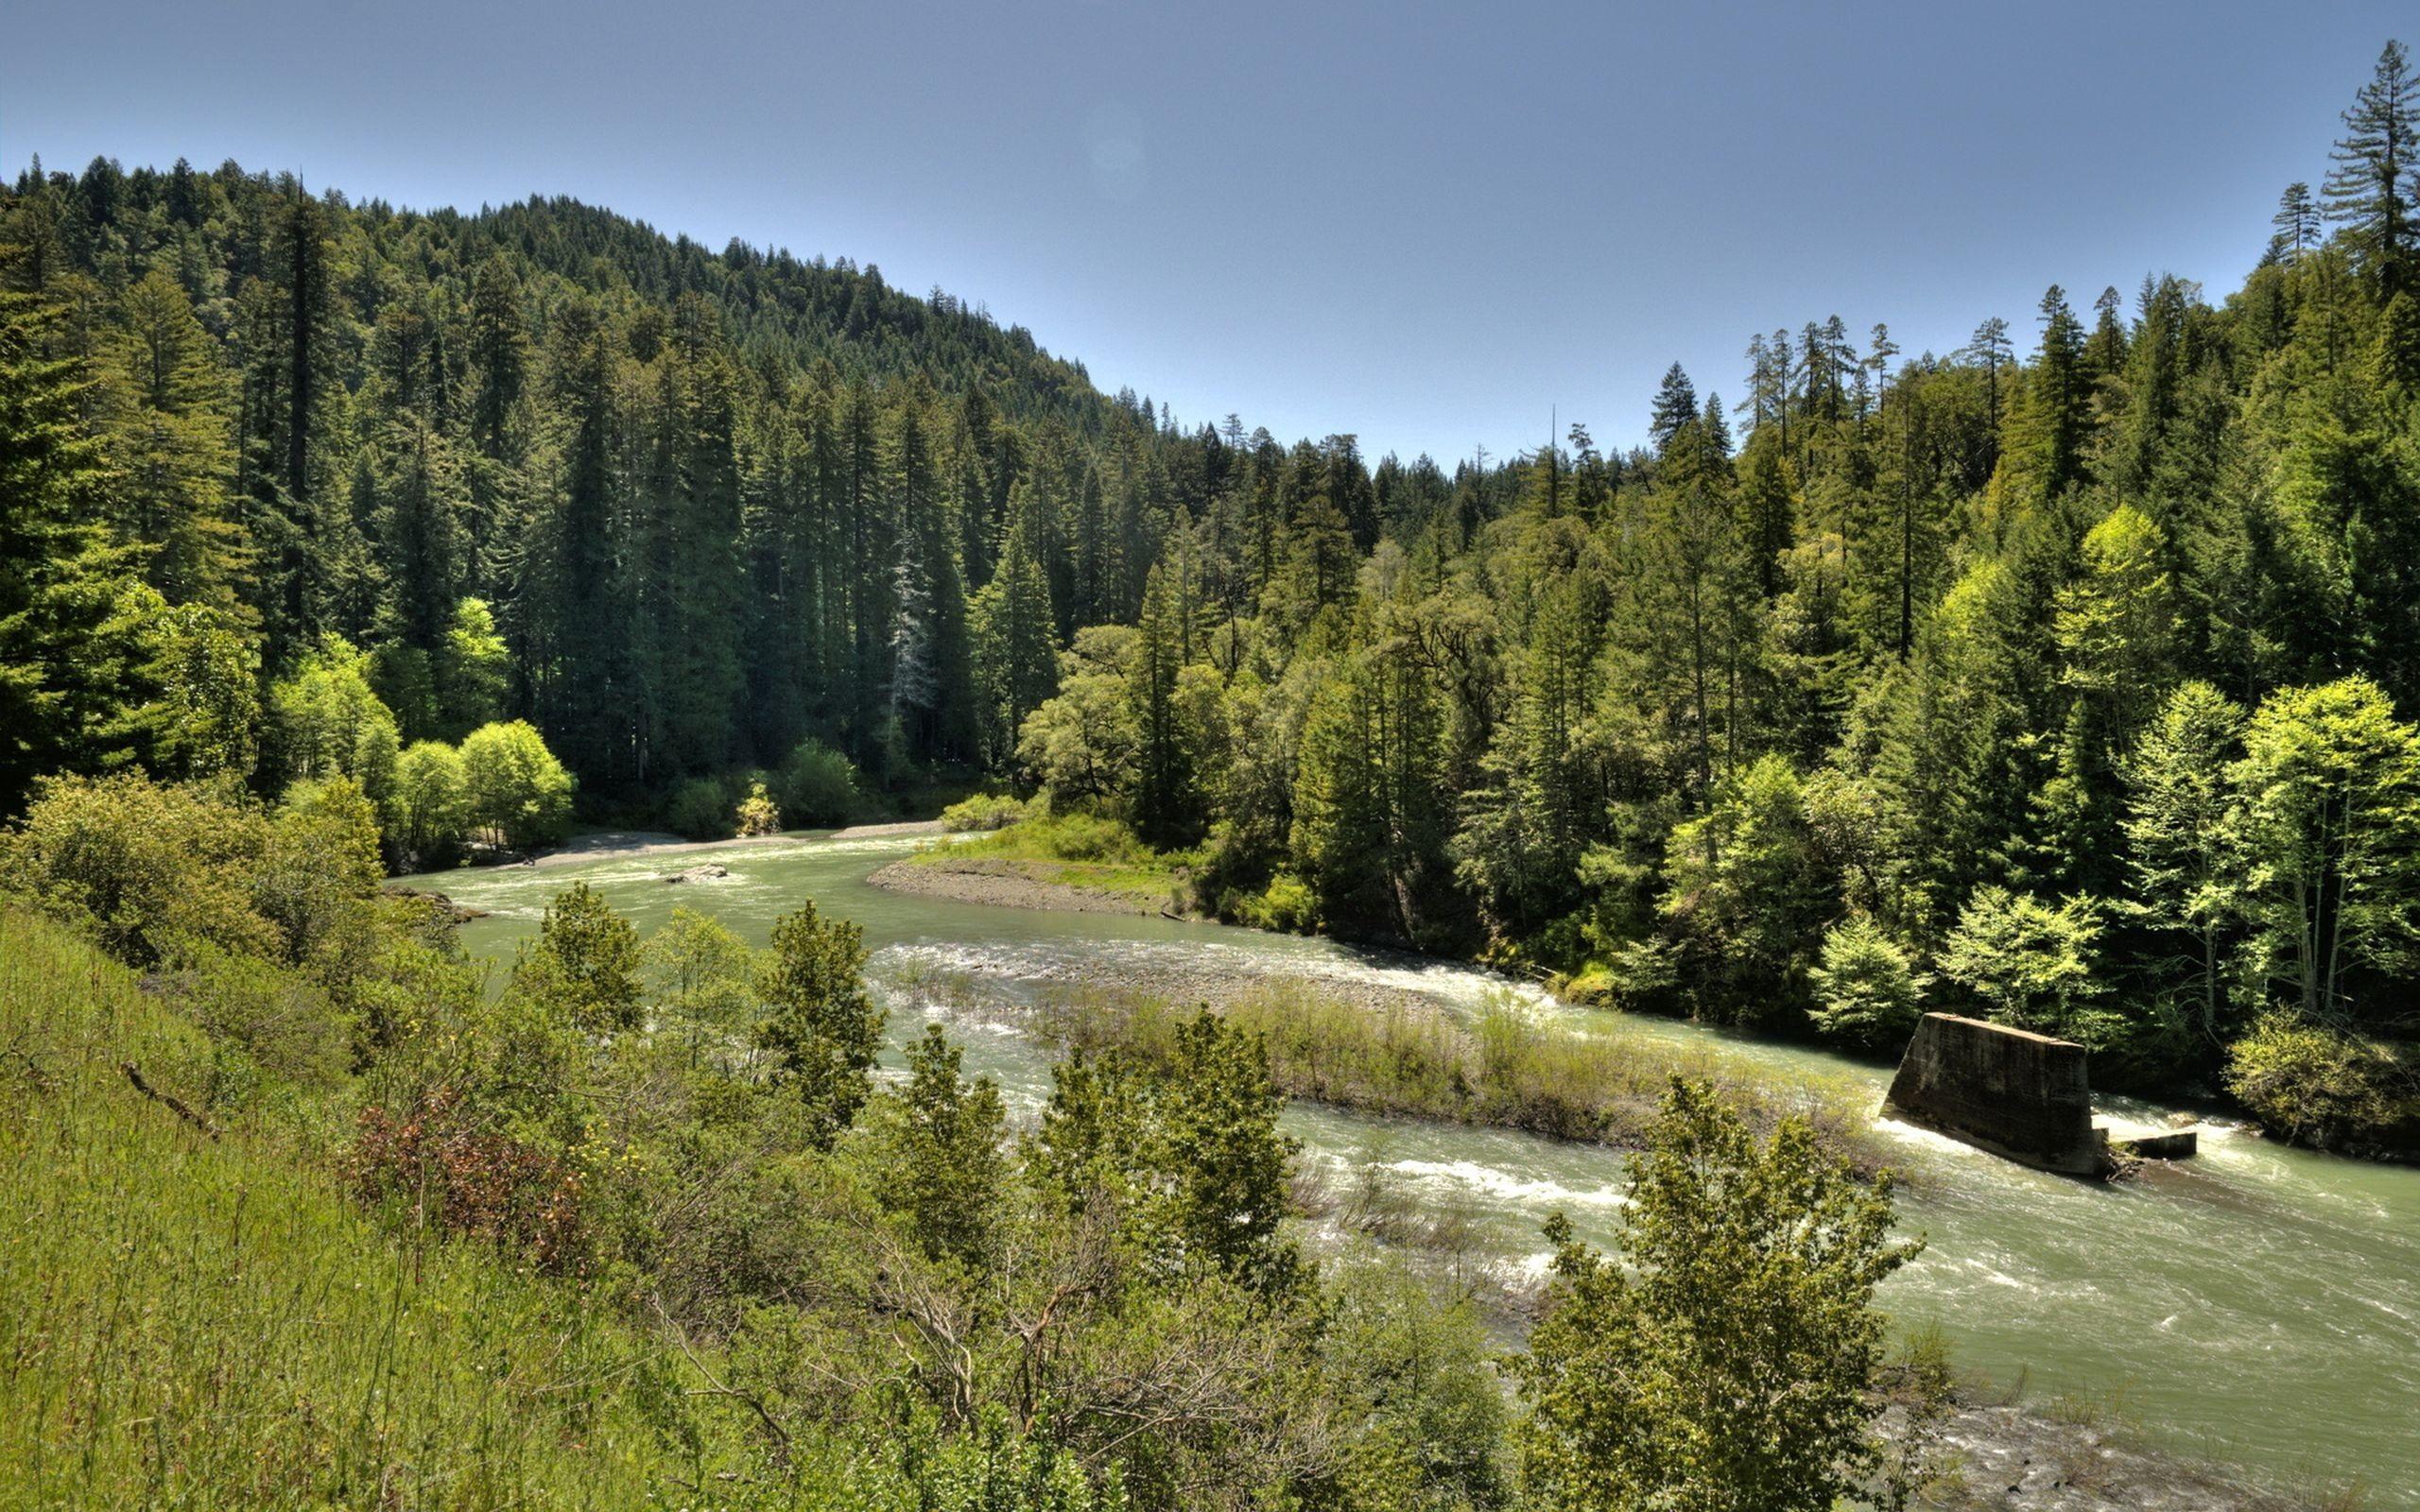 62875 Hintergrundbild 1024x768 kostenlos auf deinem Handy, lade Bilder Natur, Flüsse, Bäume, Sky, Fließen, Fluss 1024x768 auf dein Handy herunter